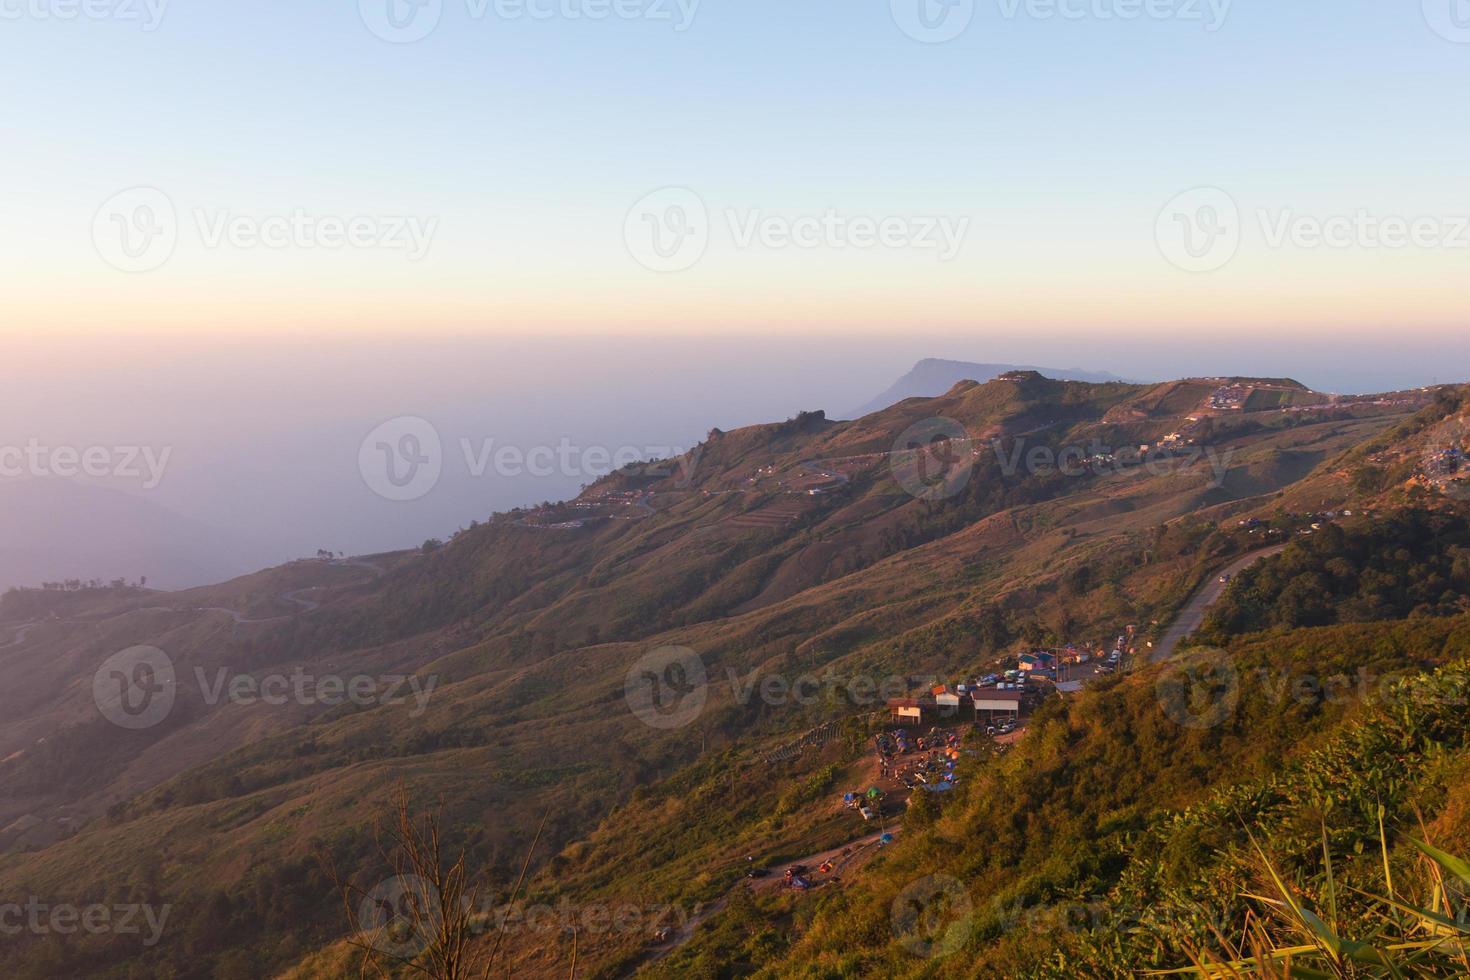 cena do nascer do sol e a estrada sinuosa montanha acima foto